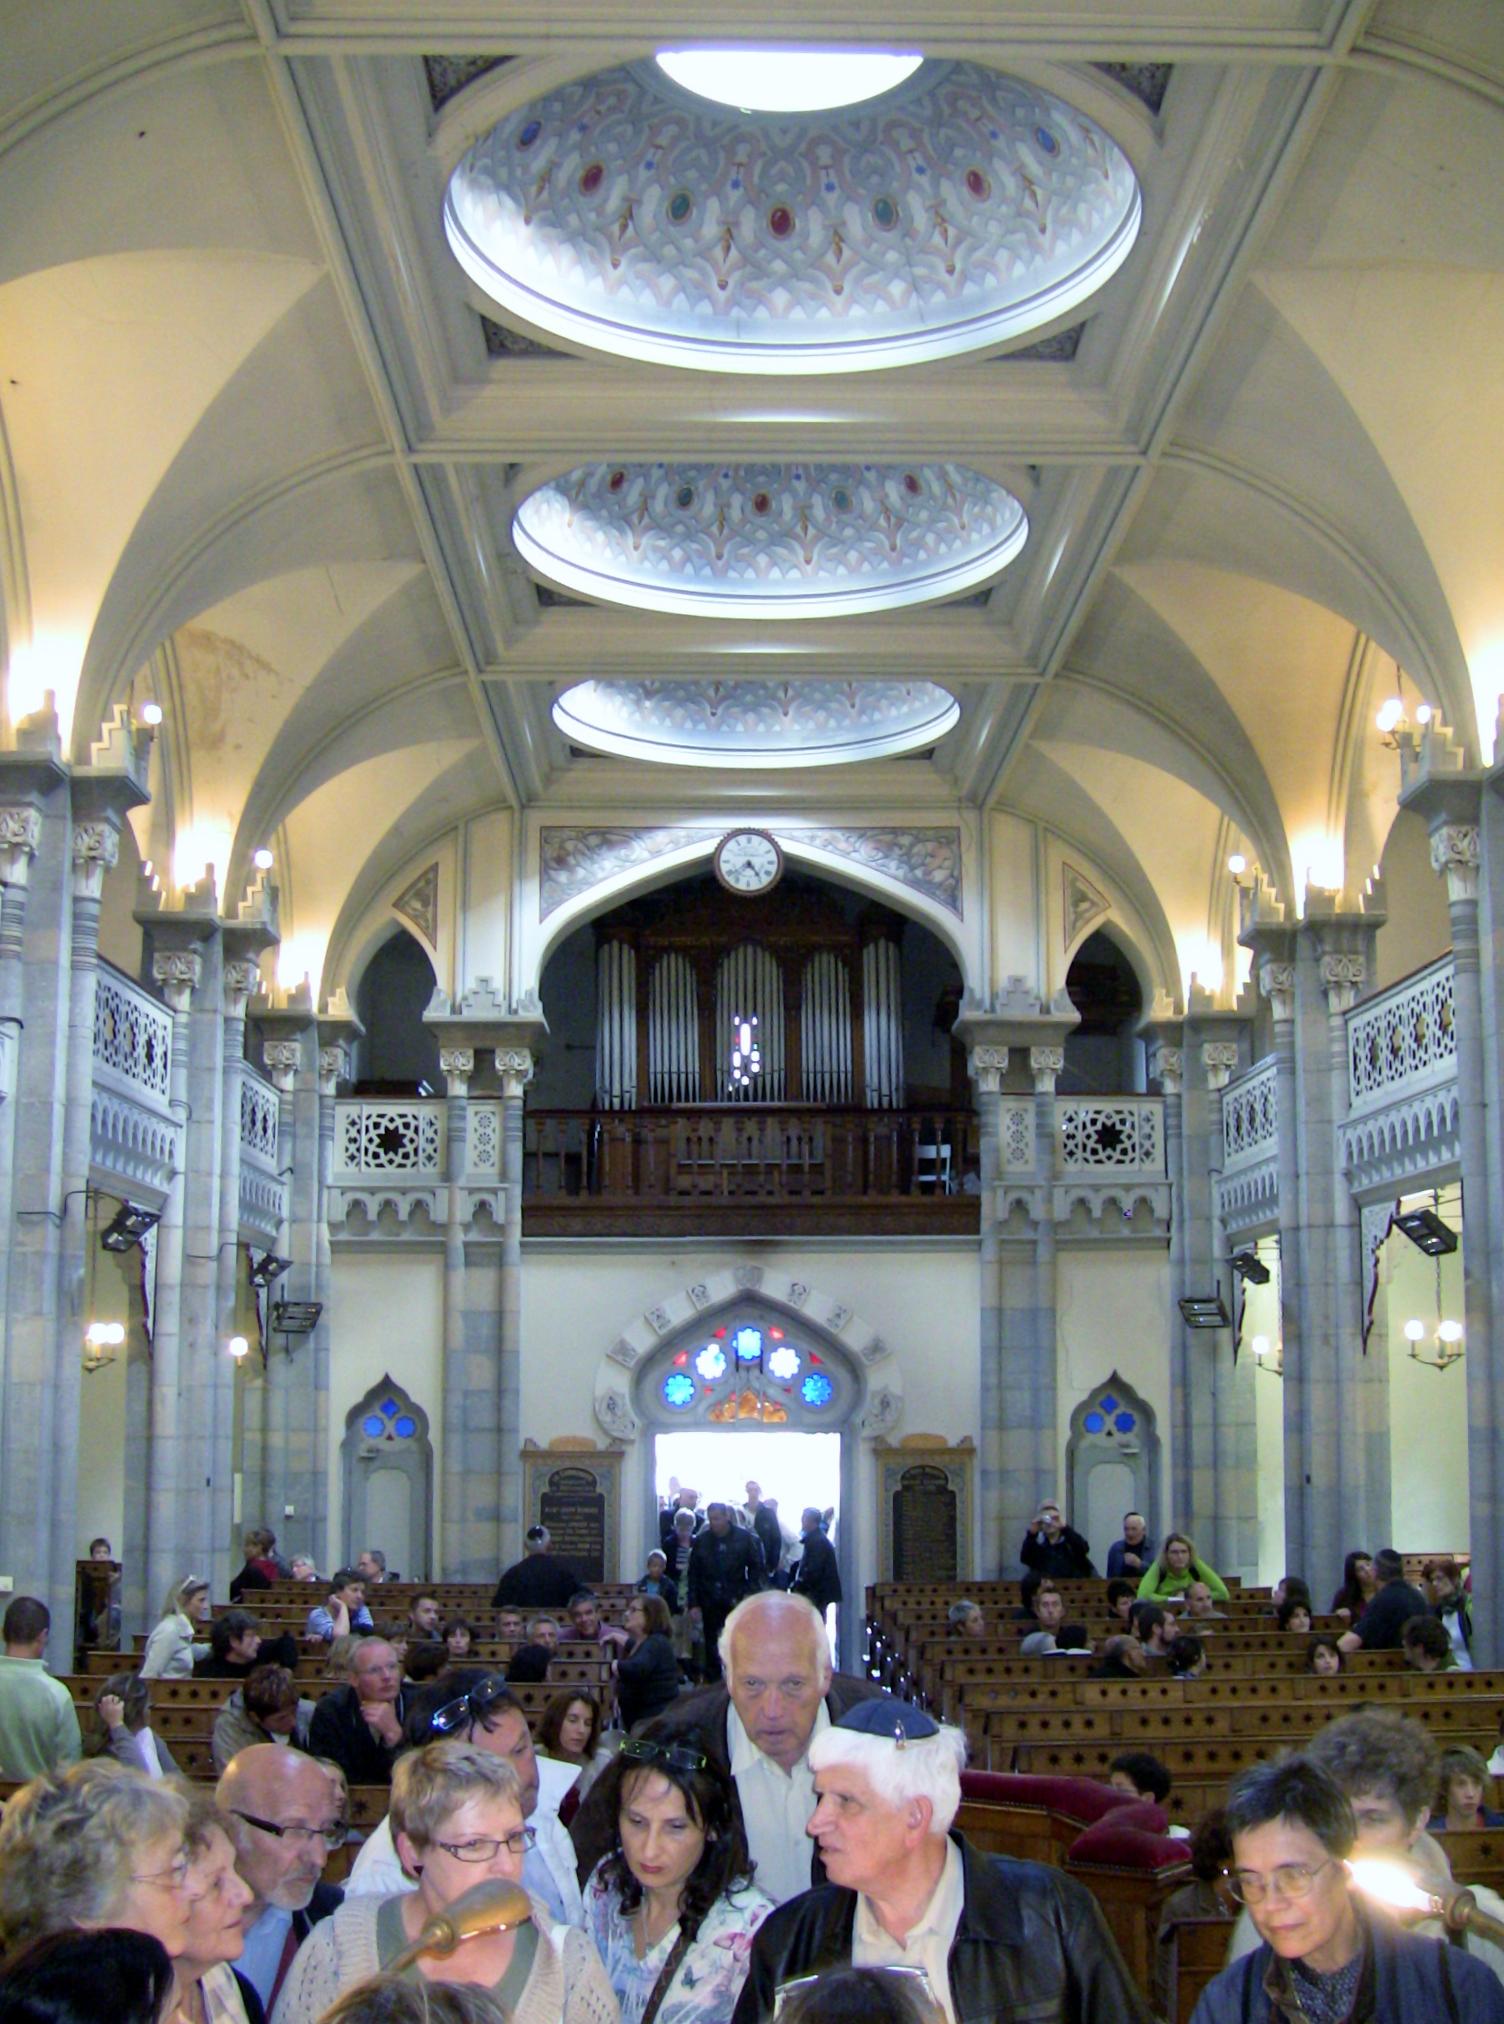 fichier:synagogue de besançon - intérieur 2 — wikipédia